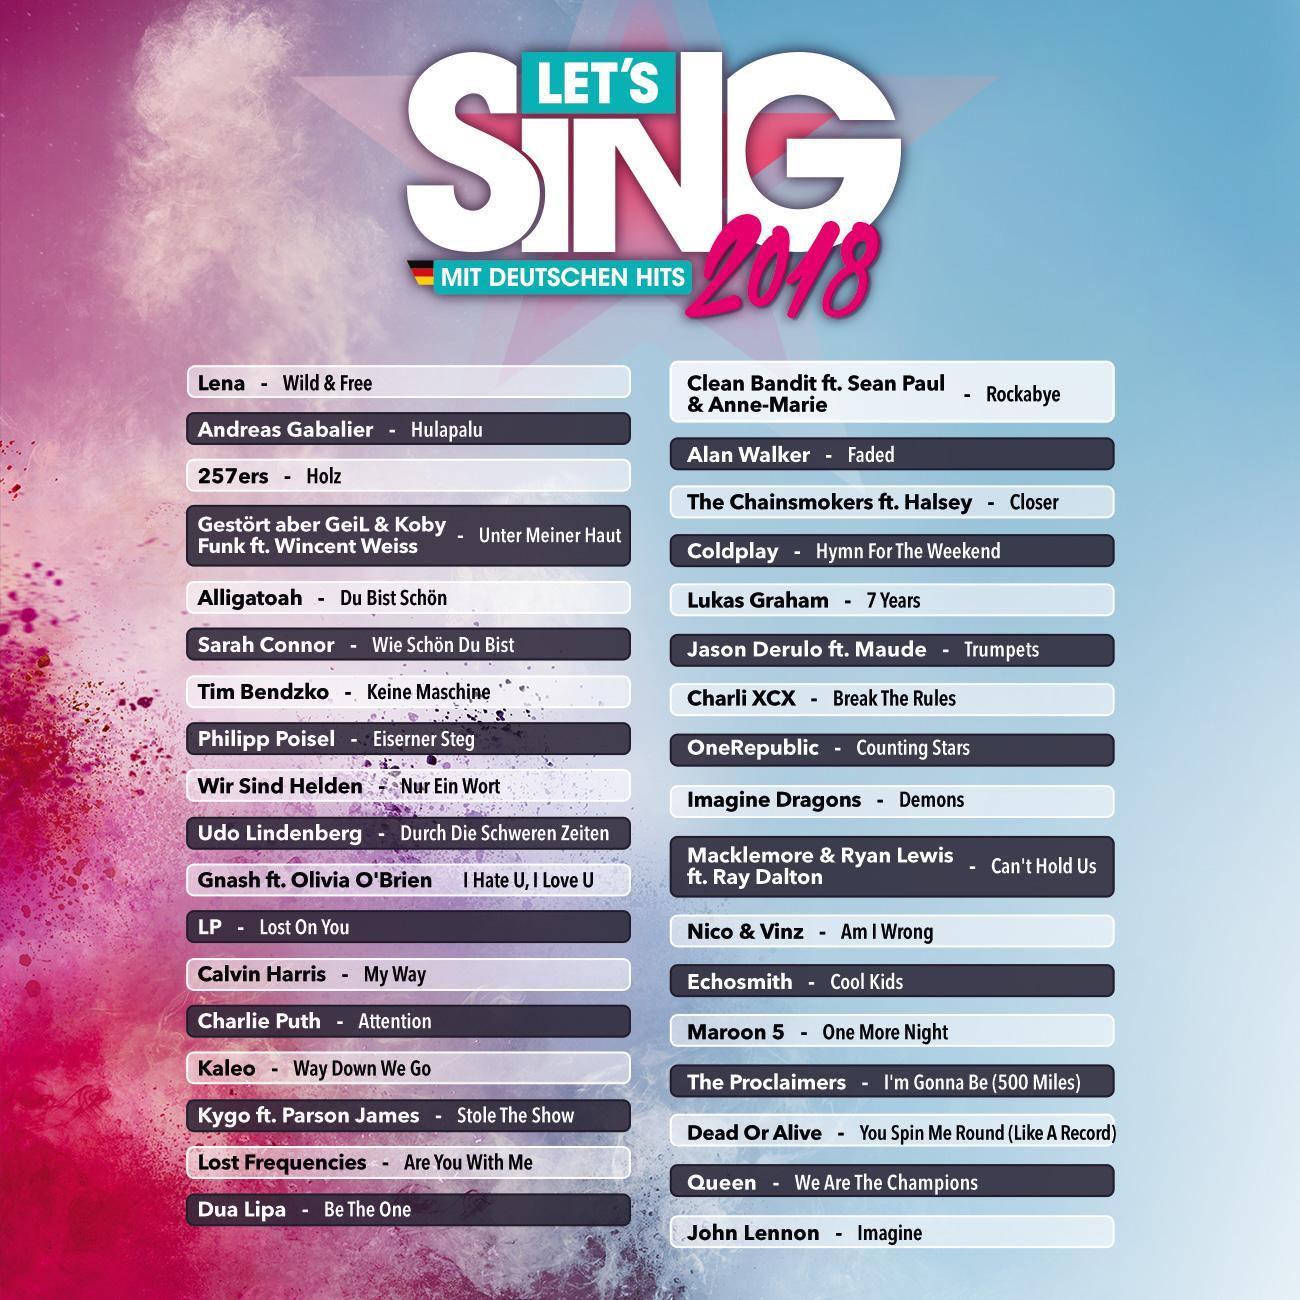 Let's Sing 2018 mit Deutschen Hits [Switch]: Amazon.de: Games